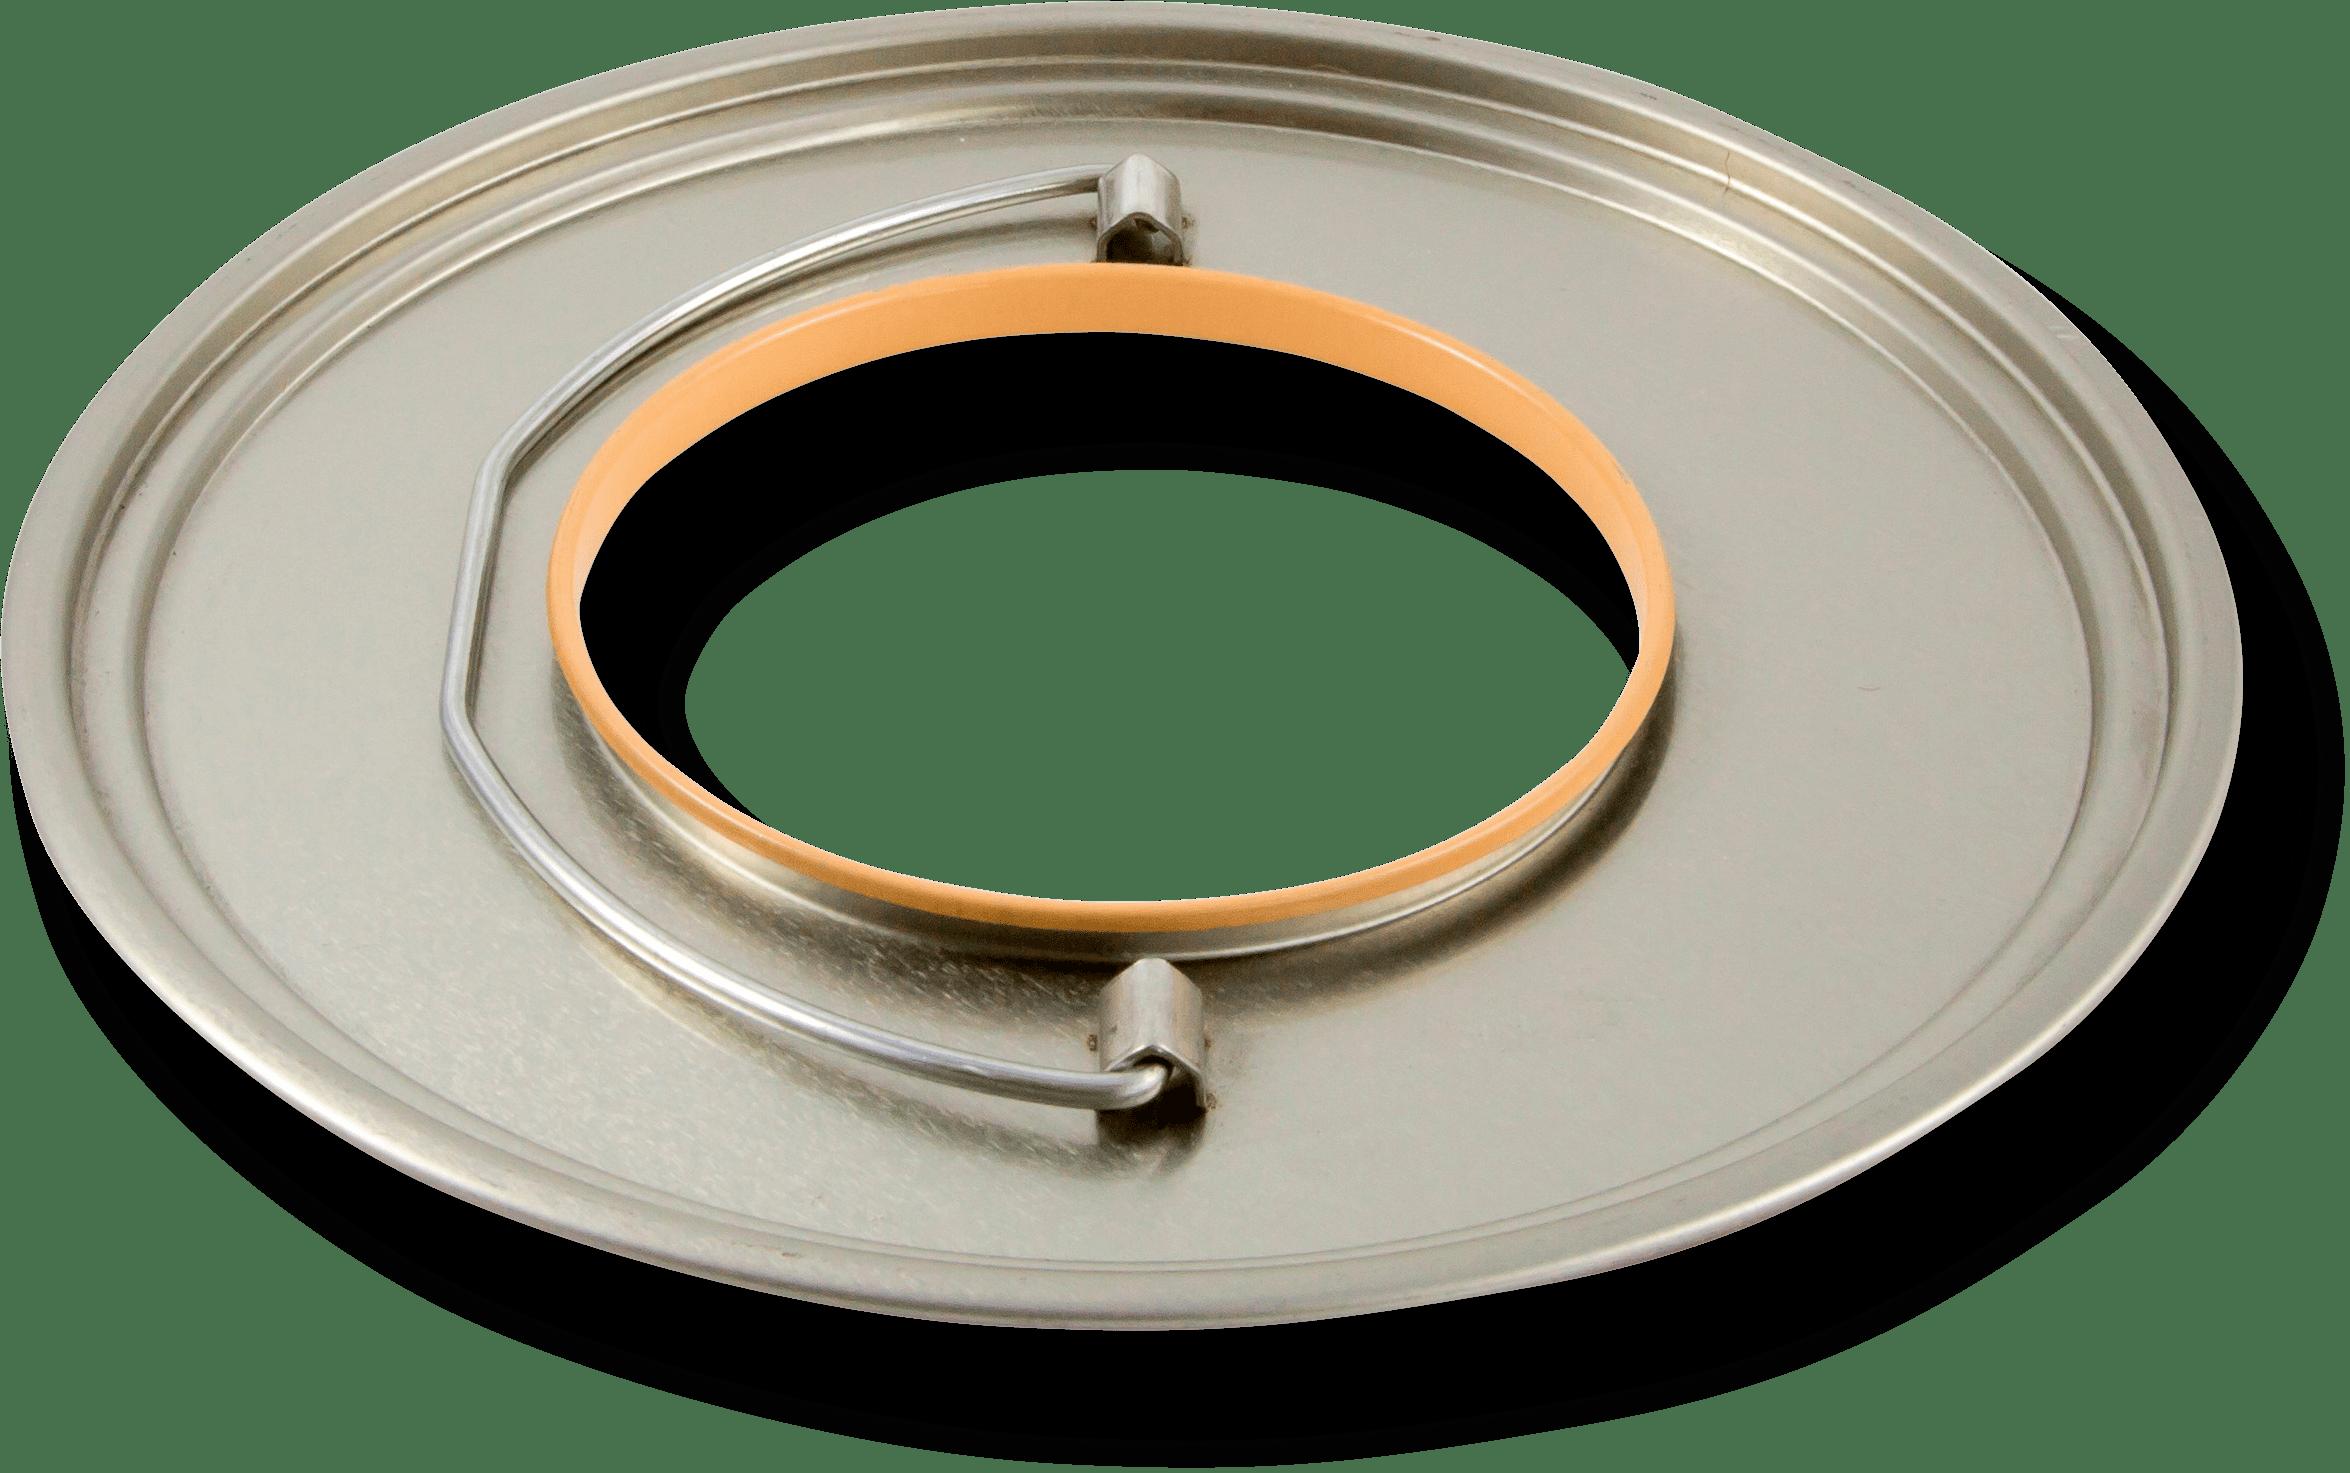 Coperchio con bocchellone foro 100 prodotto da Cavioni Fustitalia